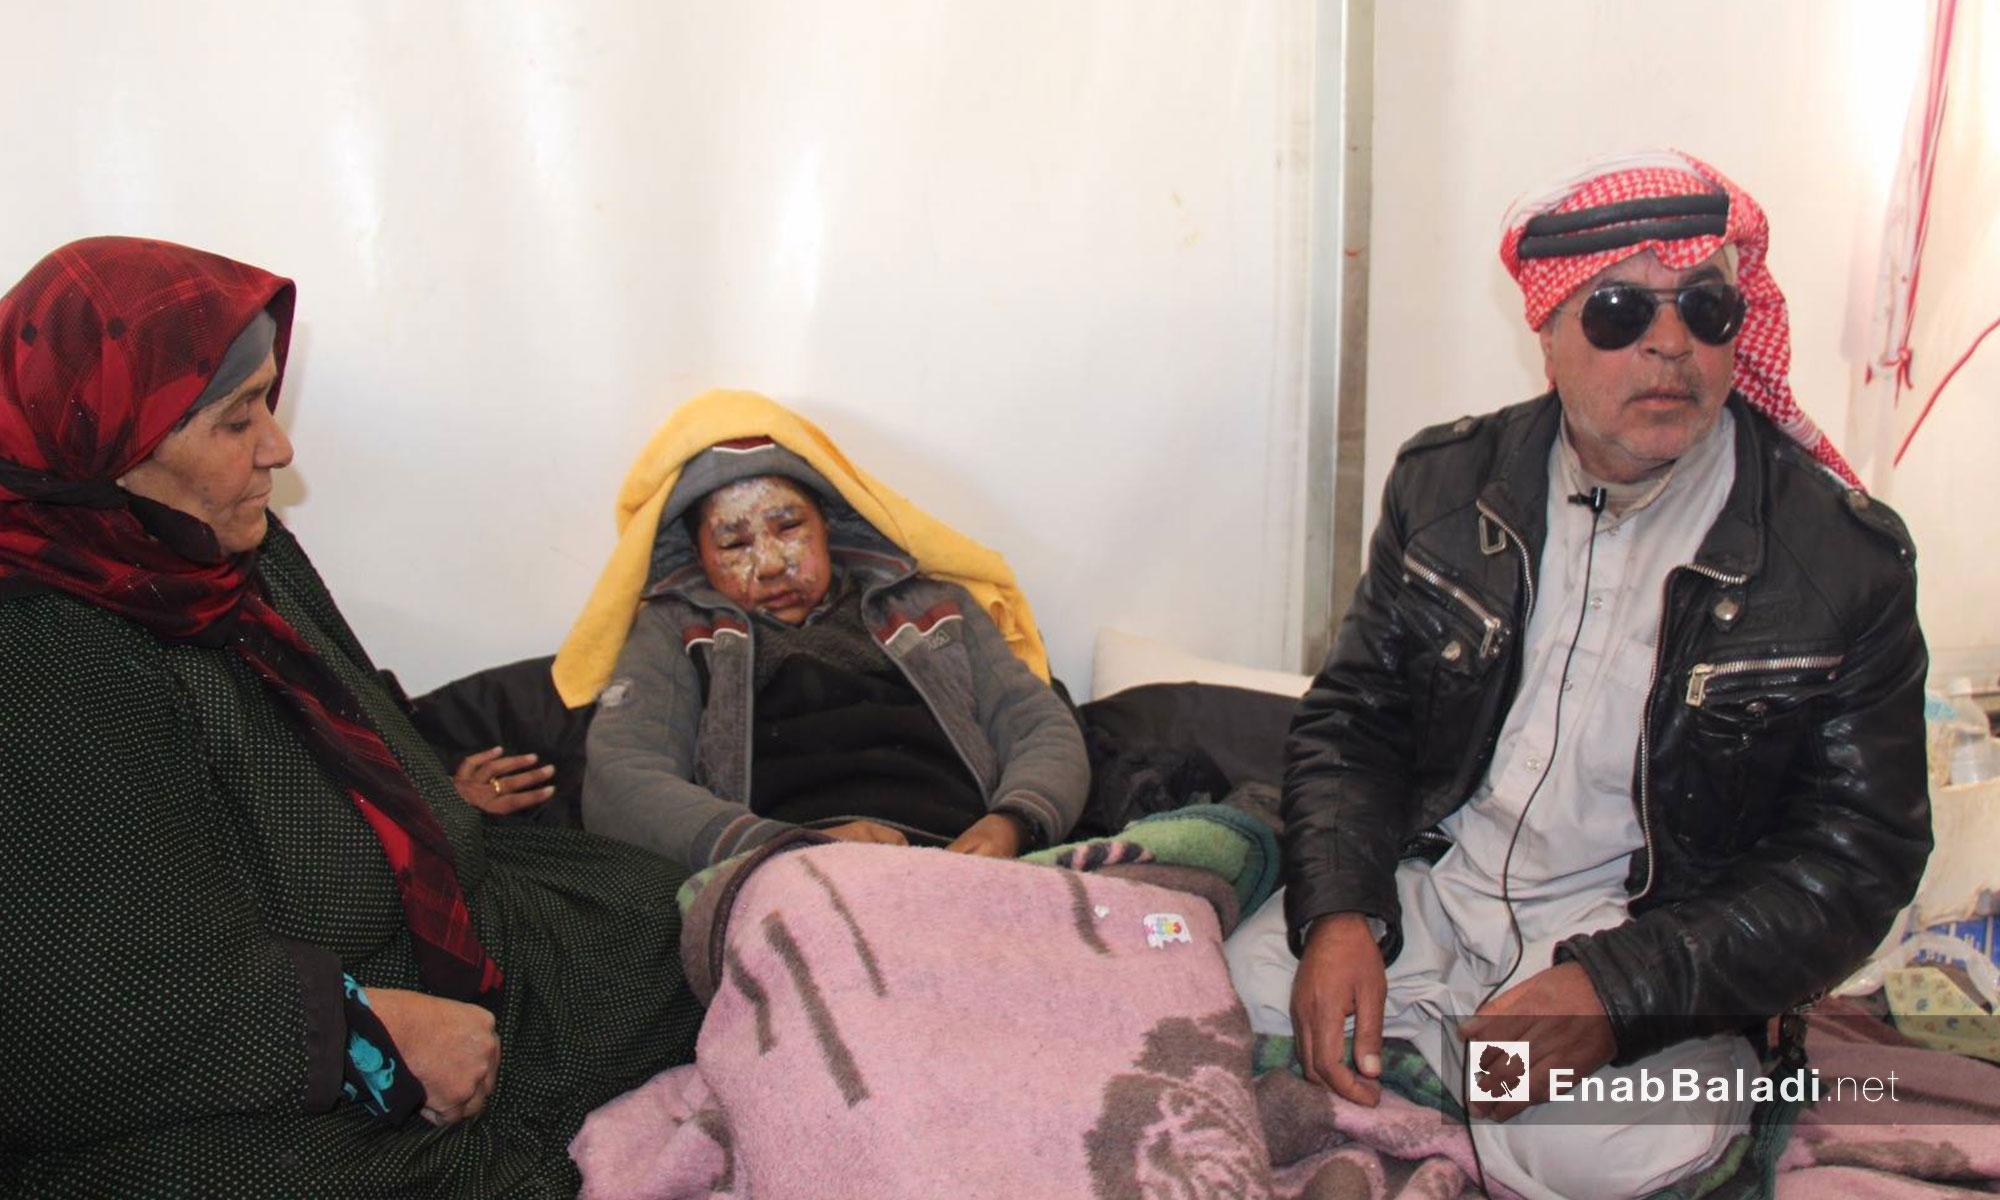 عائلة عراقية لاجئة في مركز استقبال مؤقت في إعزار بريف حلب الشمالي - كانون الأول 2016 (عنب بلدي)